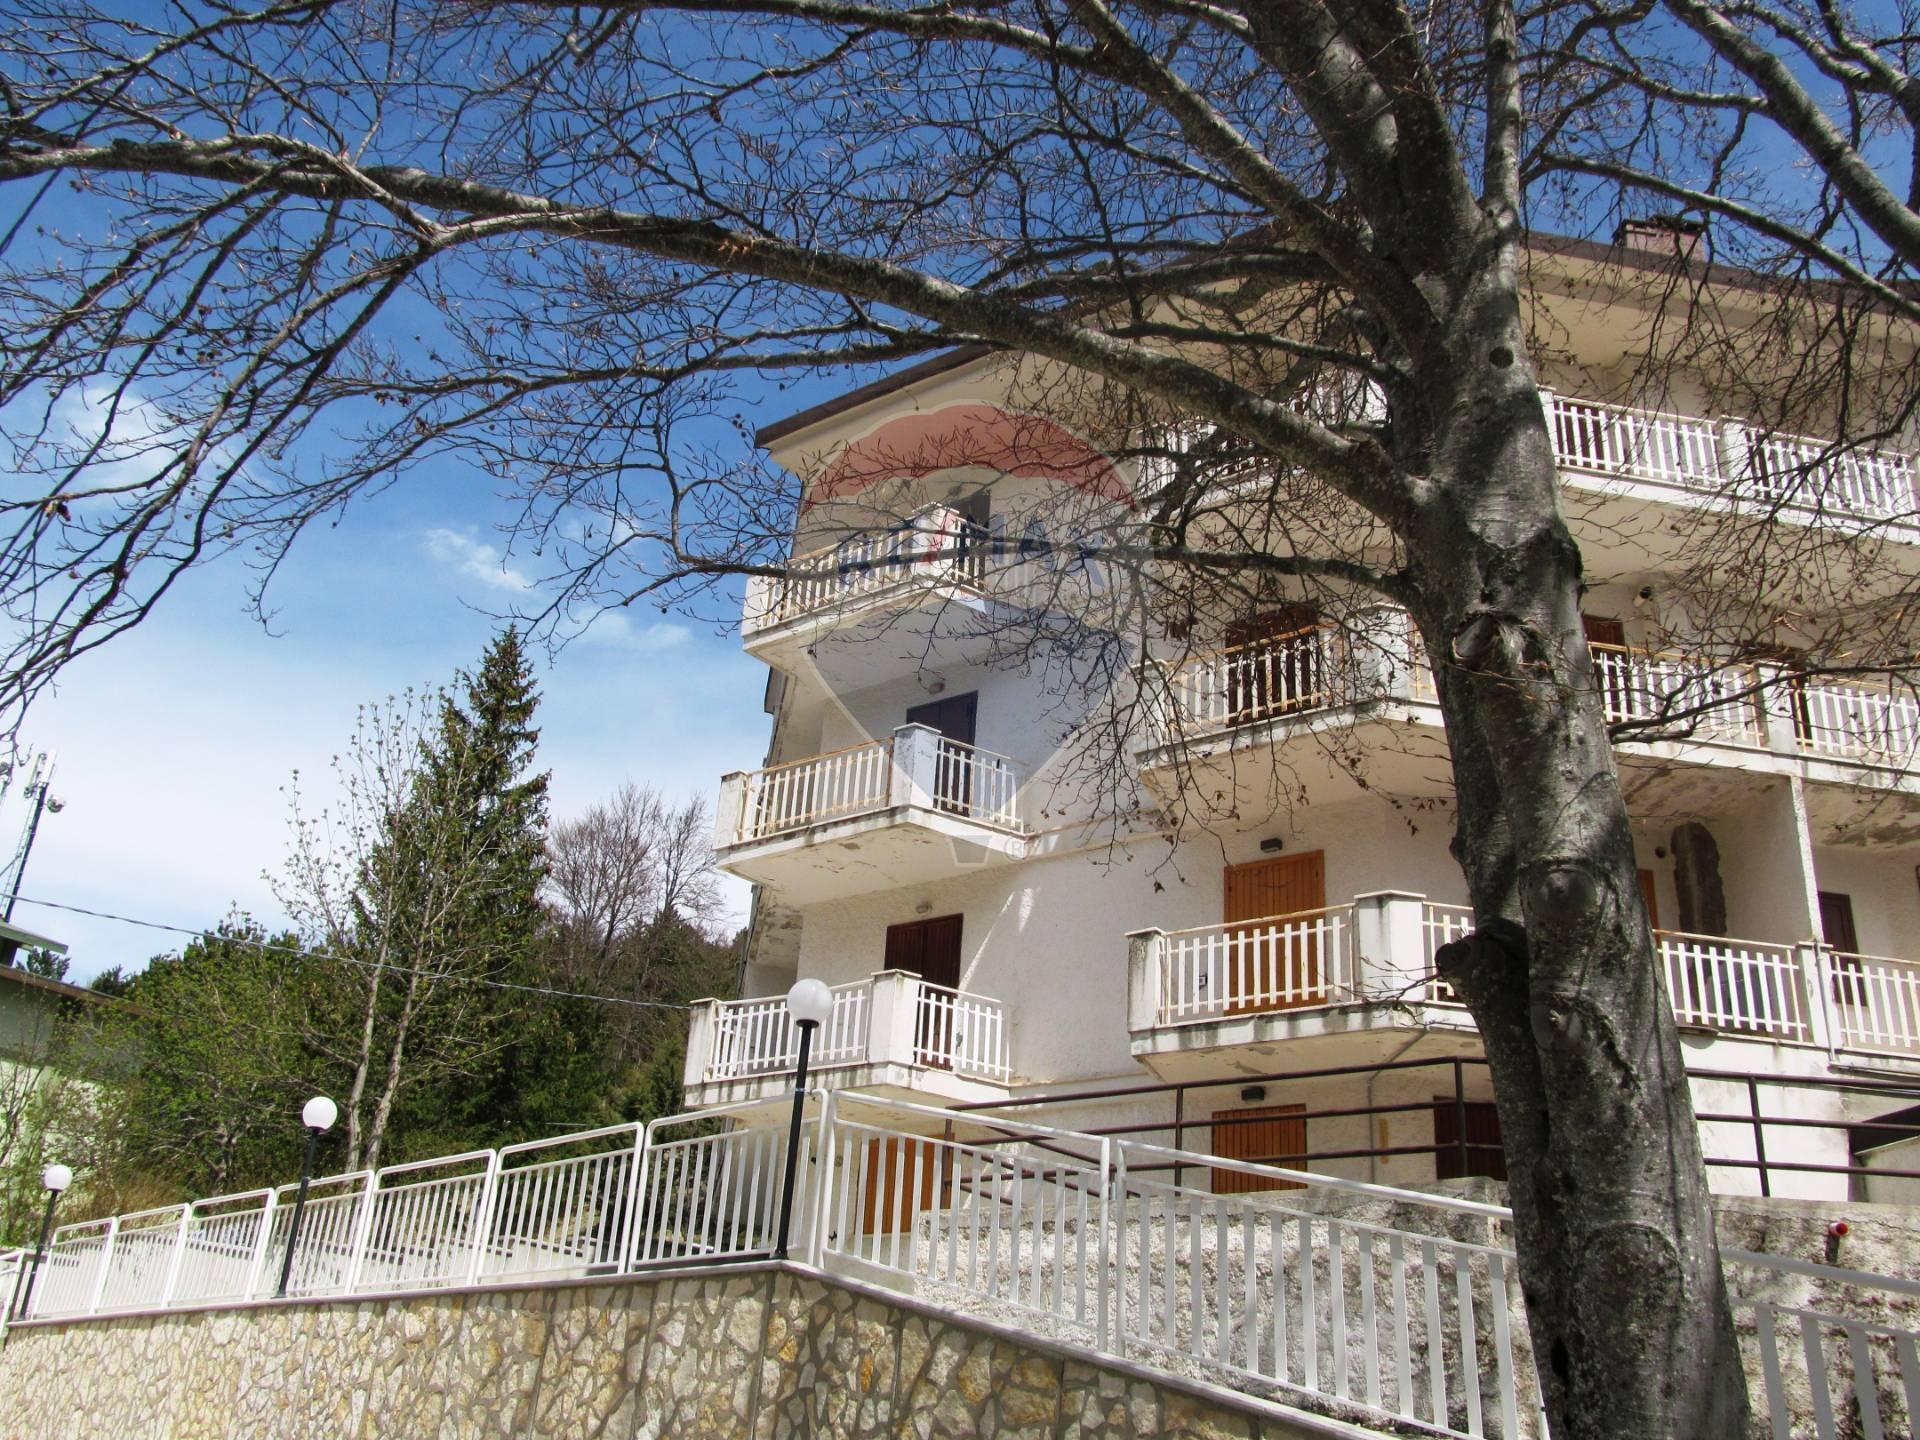 Appartamento in vendita a Pretoro, 1 locali, prezzo € 44.000 | CambioCasa.it